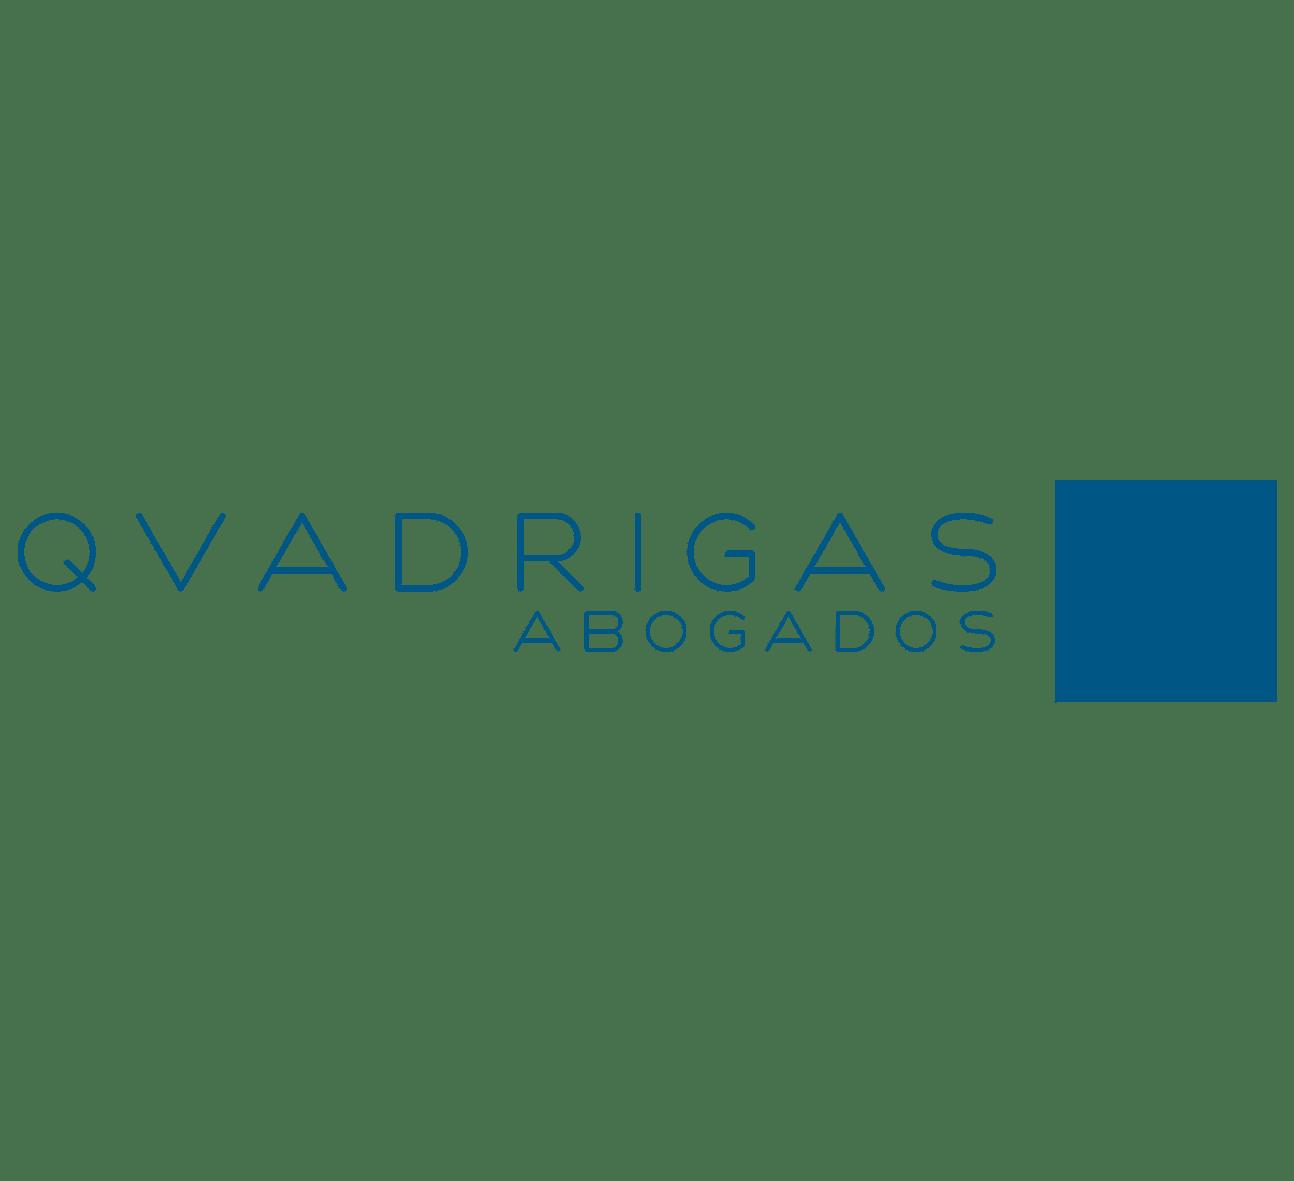 Qvadrigas - Clientes